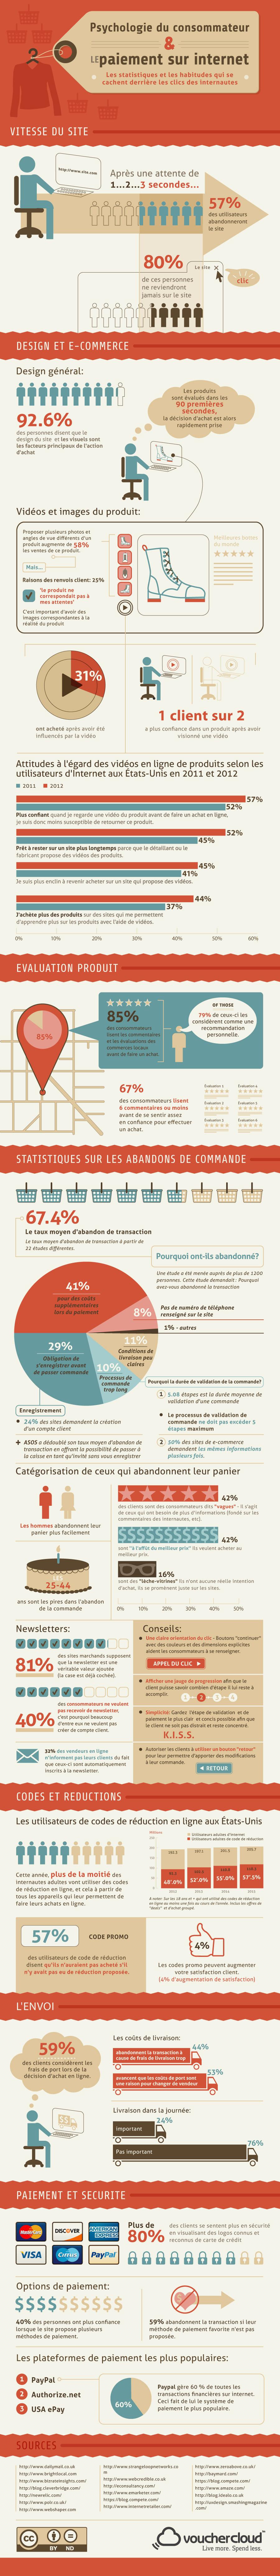 Les facteurs qui incitent ou freinent l'action d'achat en ligne (infographie)